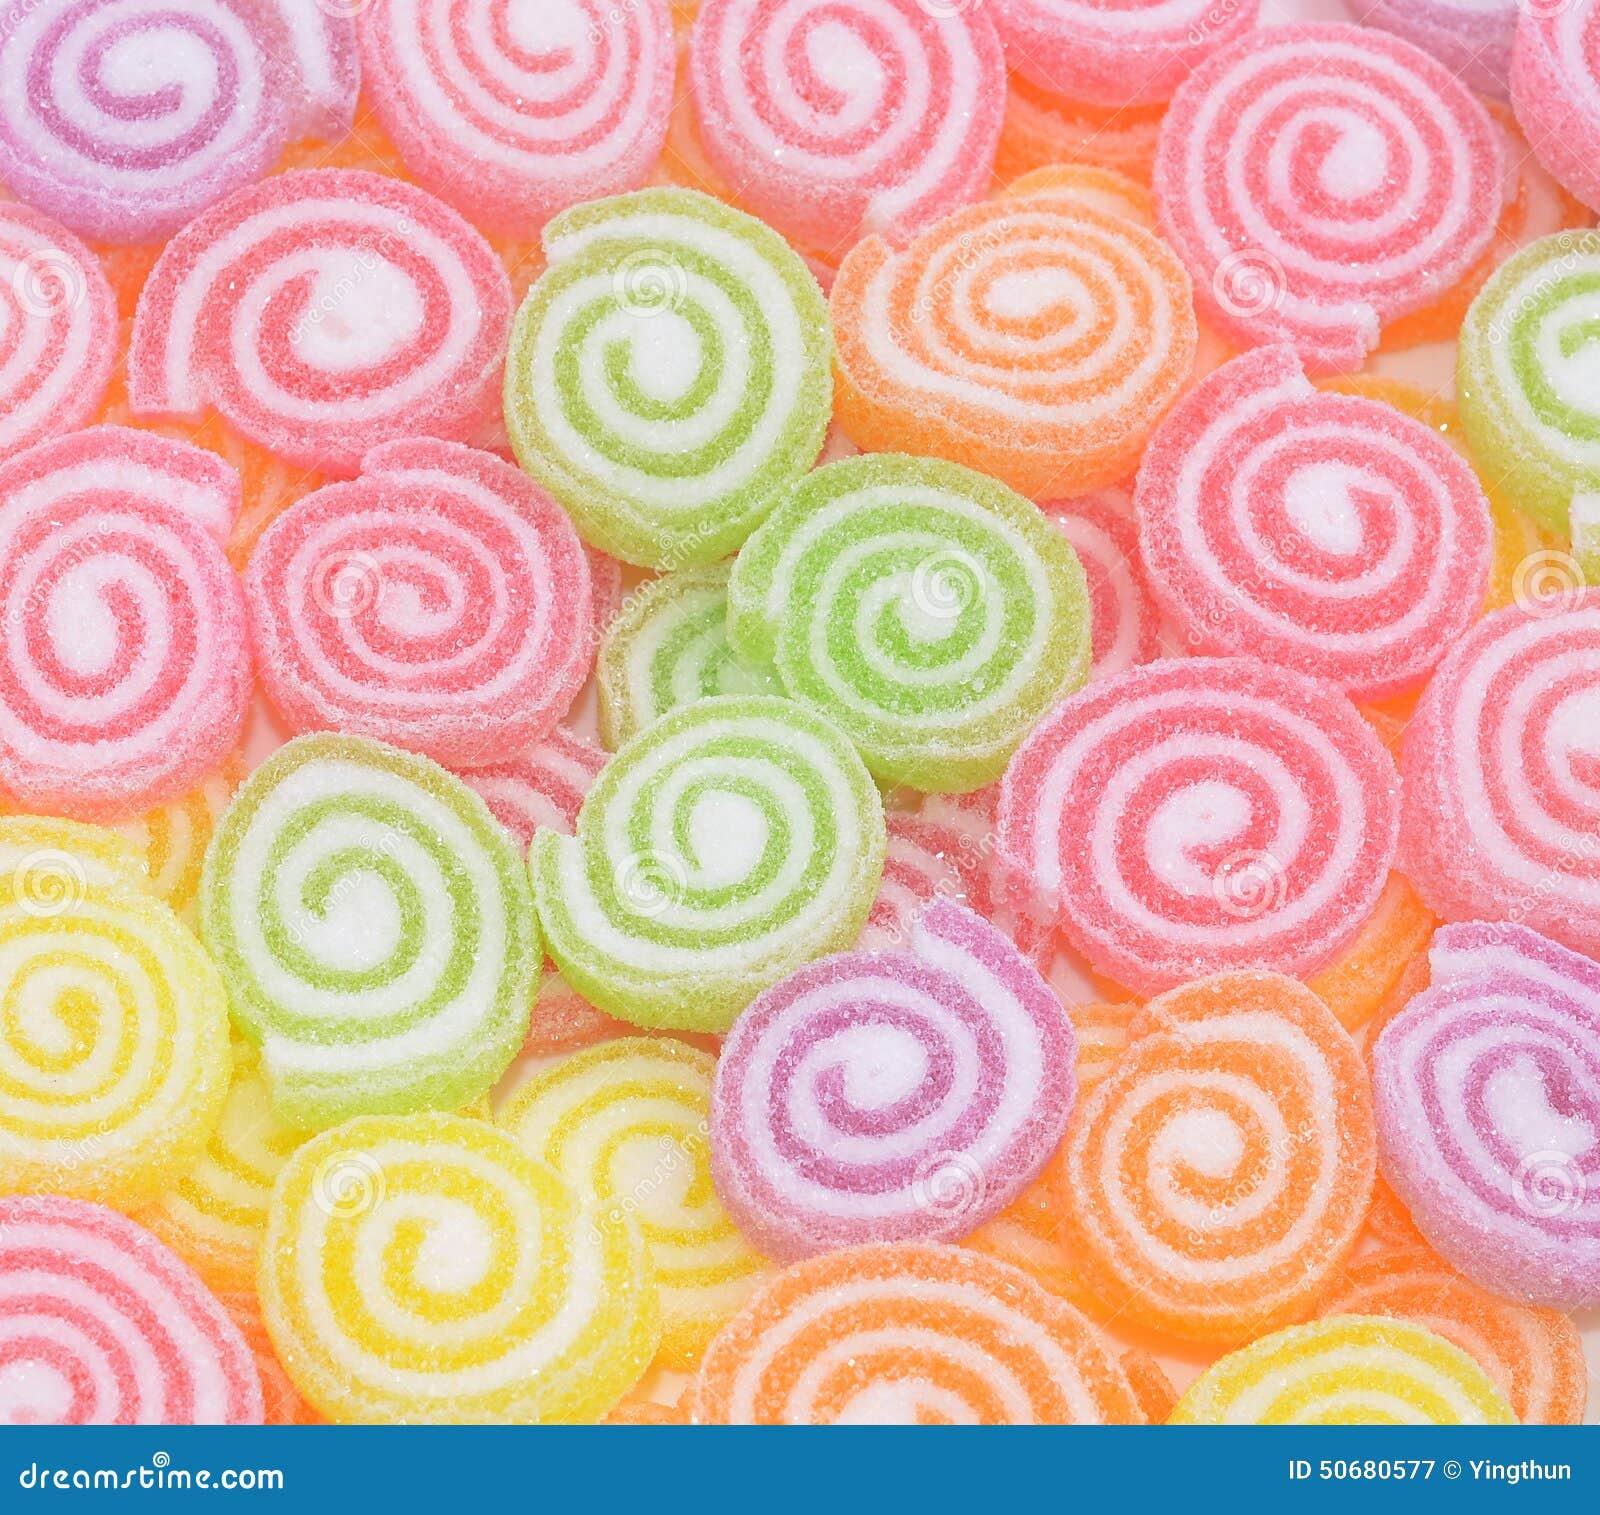 Download 果冻糖果背景 库存图片. 图片 包括有 果冻, 片式, 绿色, 红色, 特写镜头, 使用, 背包, 点心 - 50680577